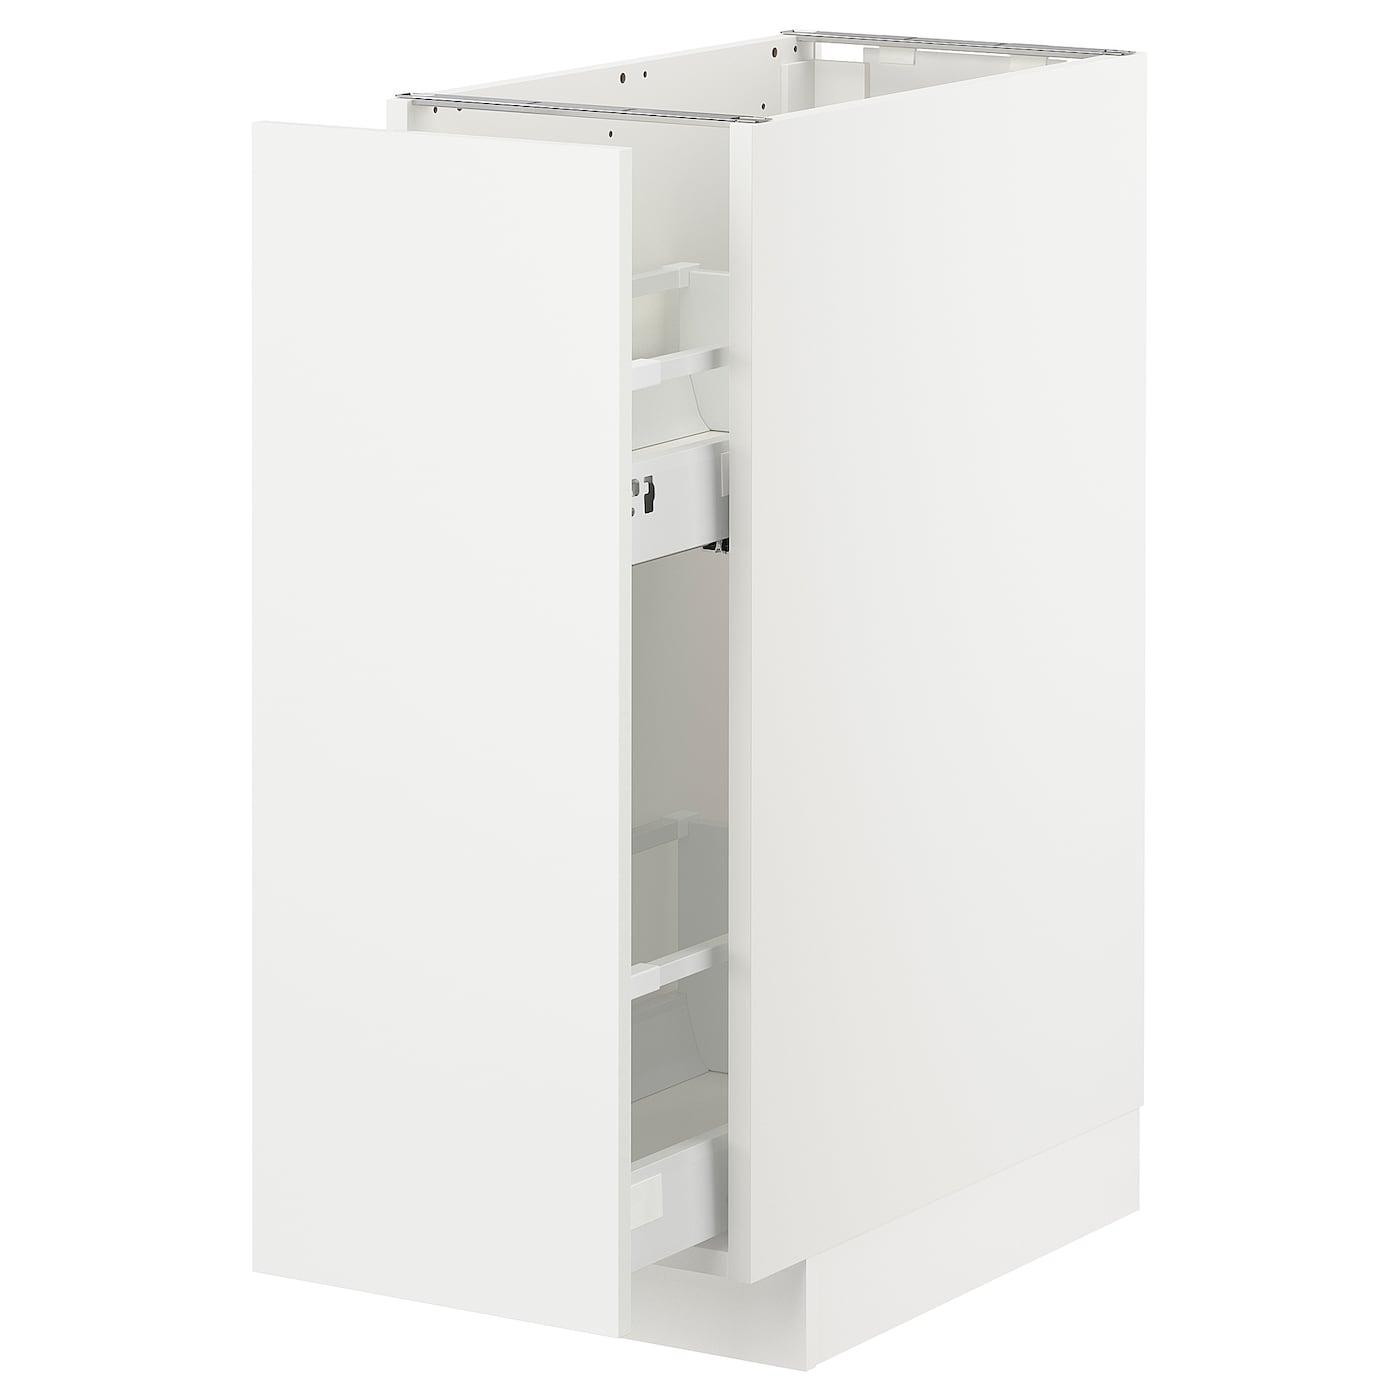 METOD Unterschrank+ausziehb. einrichtg. - weiß/Häggeby weiß 25x25 cm